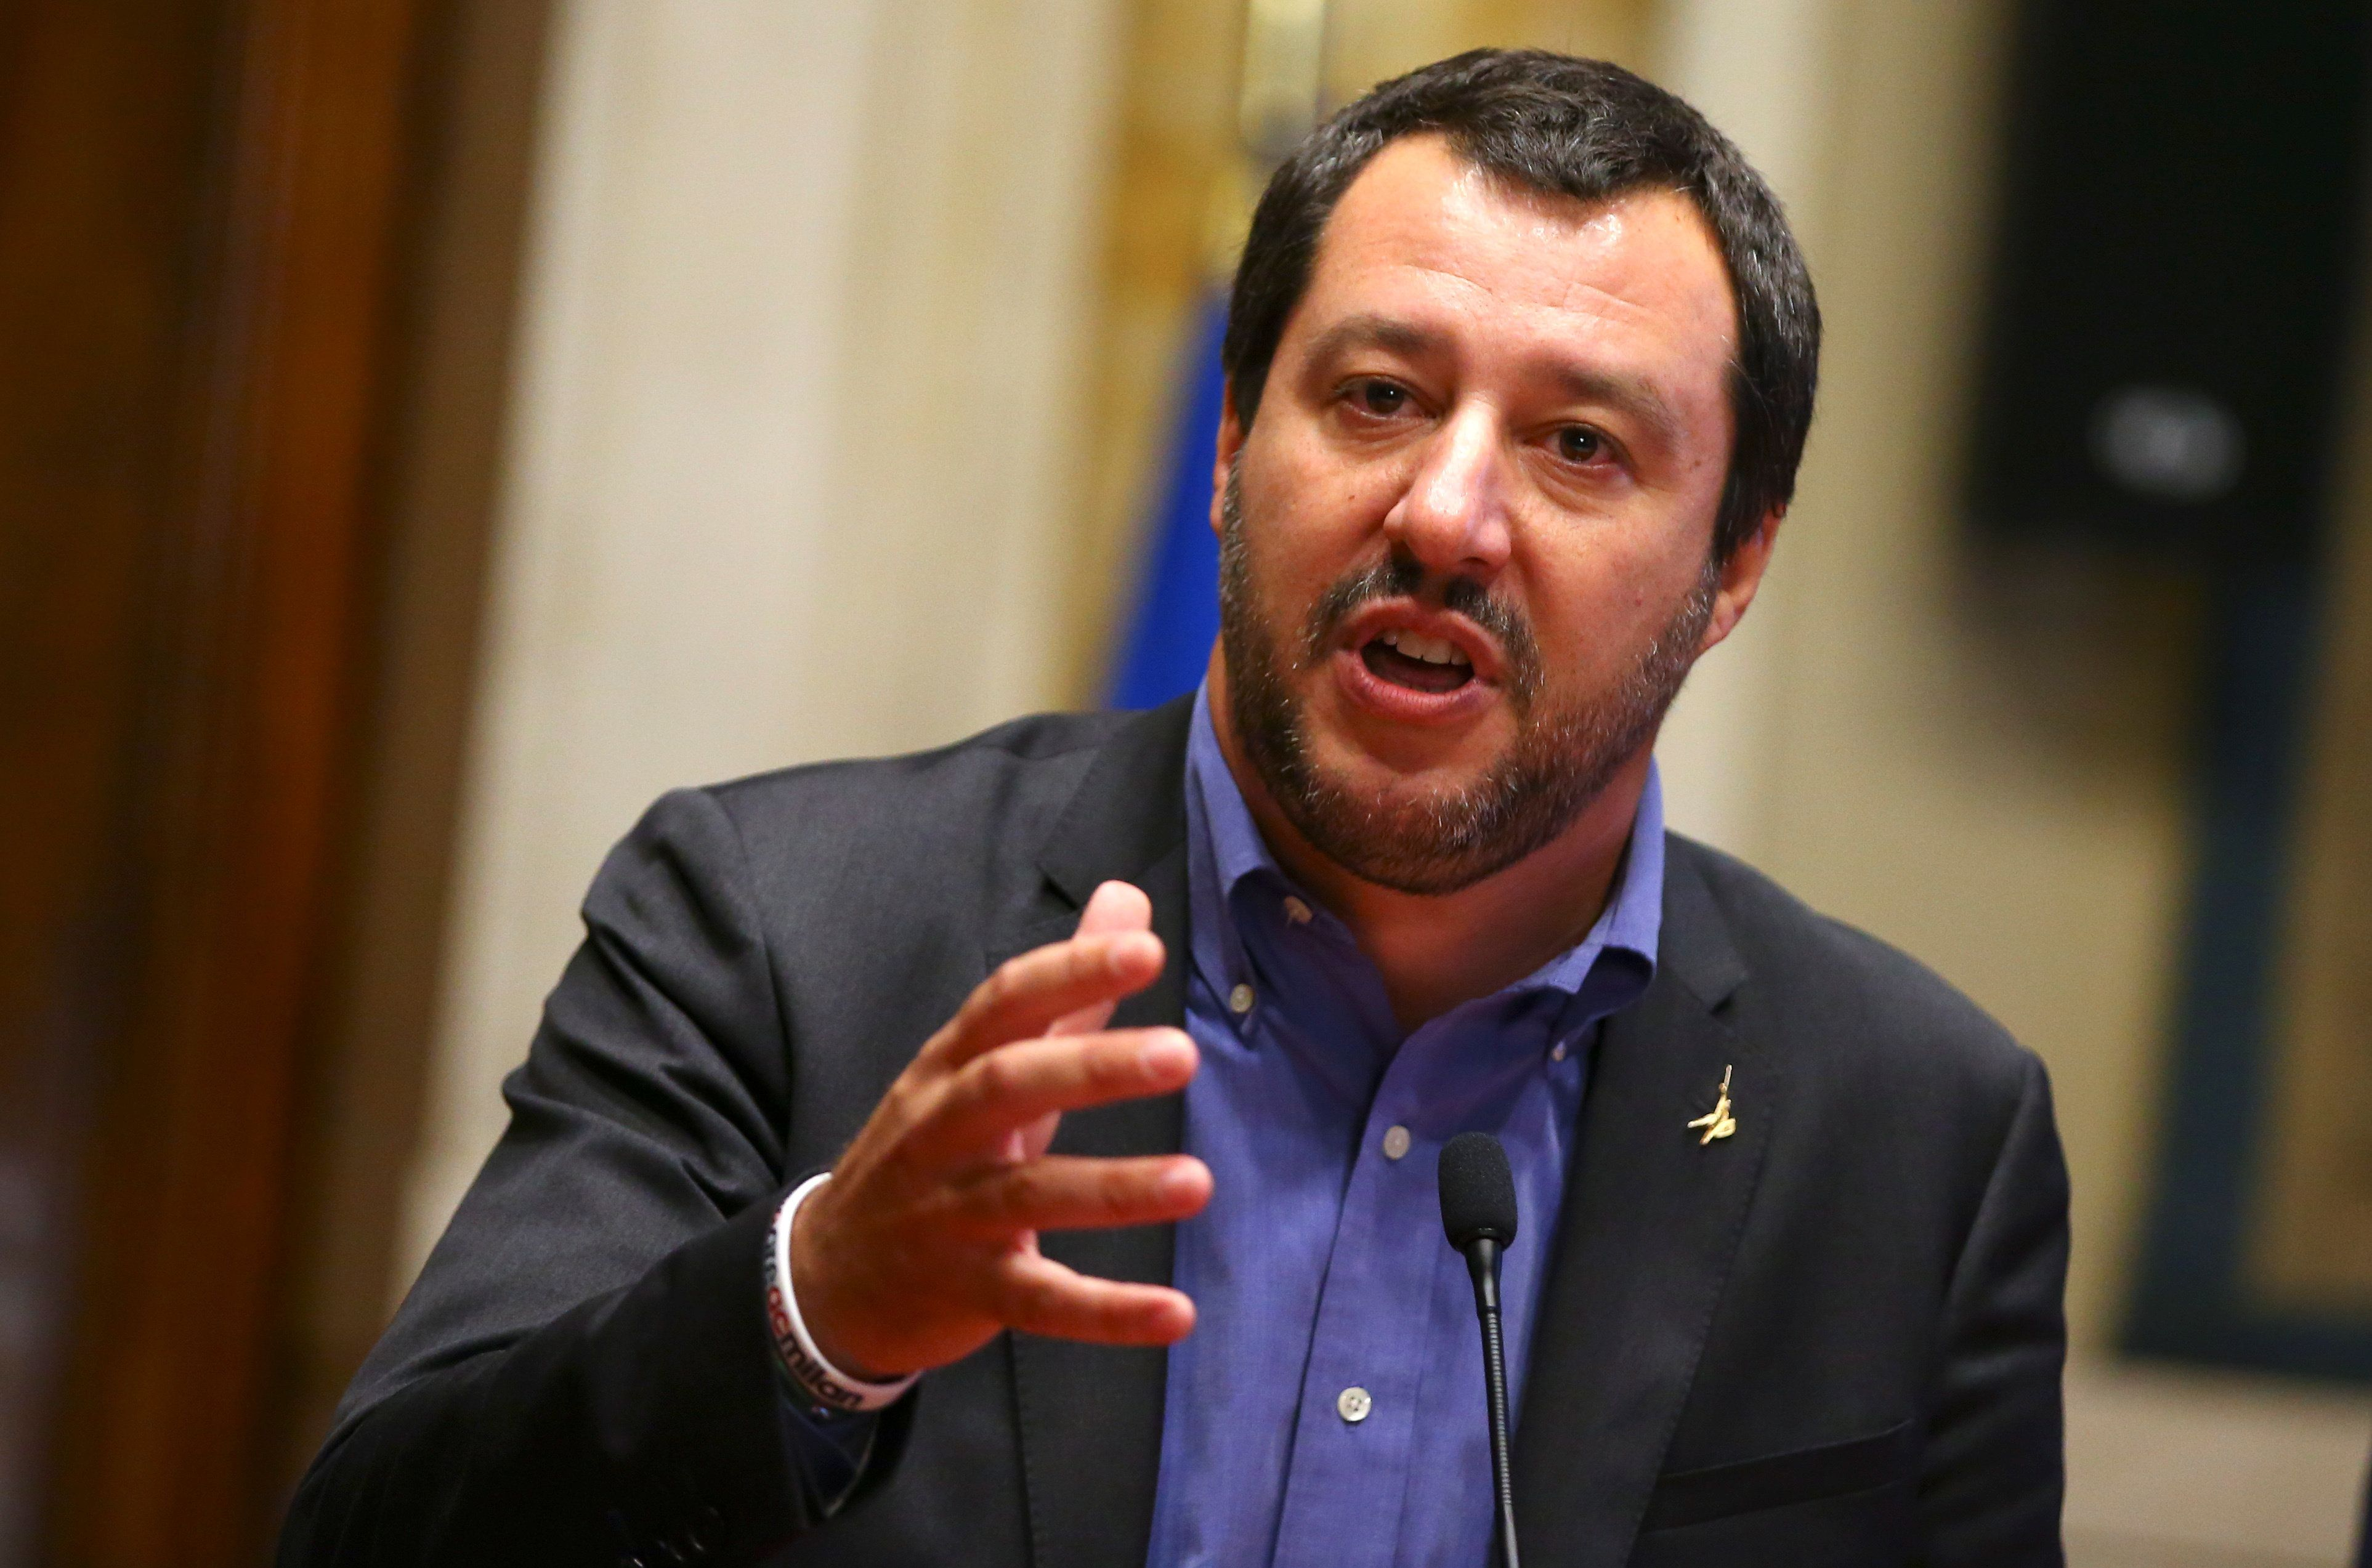 Ιταλία: Ο πρόεδρος Ματαρέλα θύμωσε τον Σαλβίνι για το